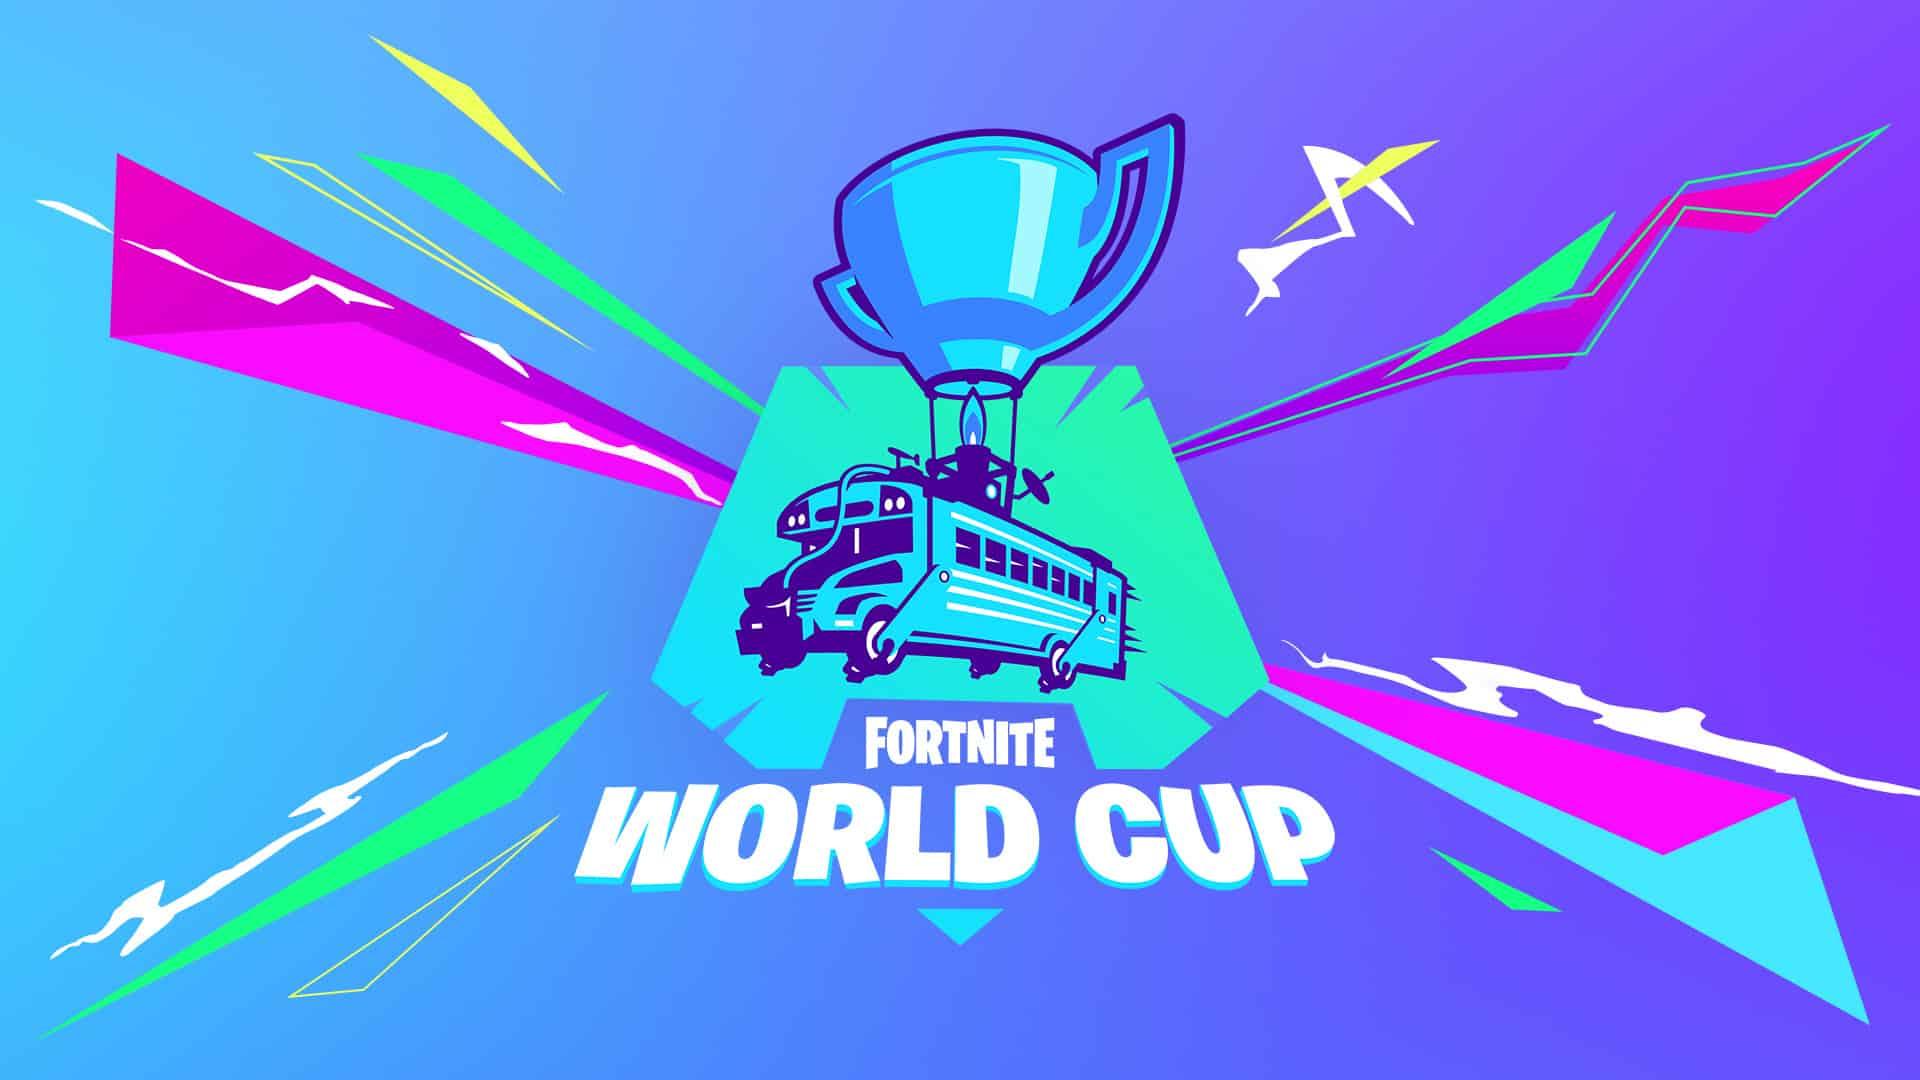 بطولة فورتنايت الرياضة الإلكترونية Fortnite-100-million-prize-through-2019-fortnite-world-cup-details